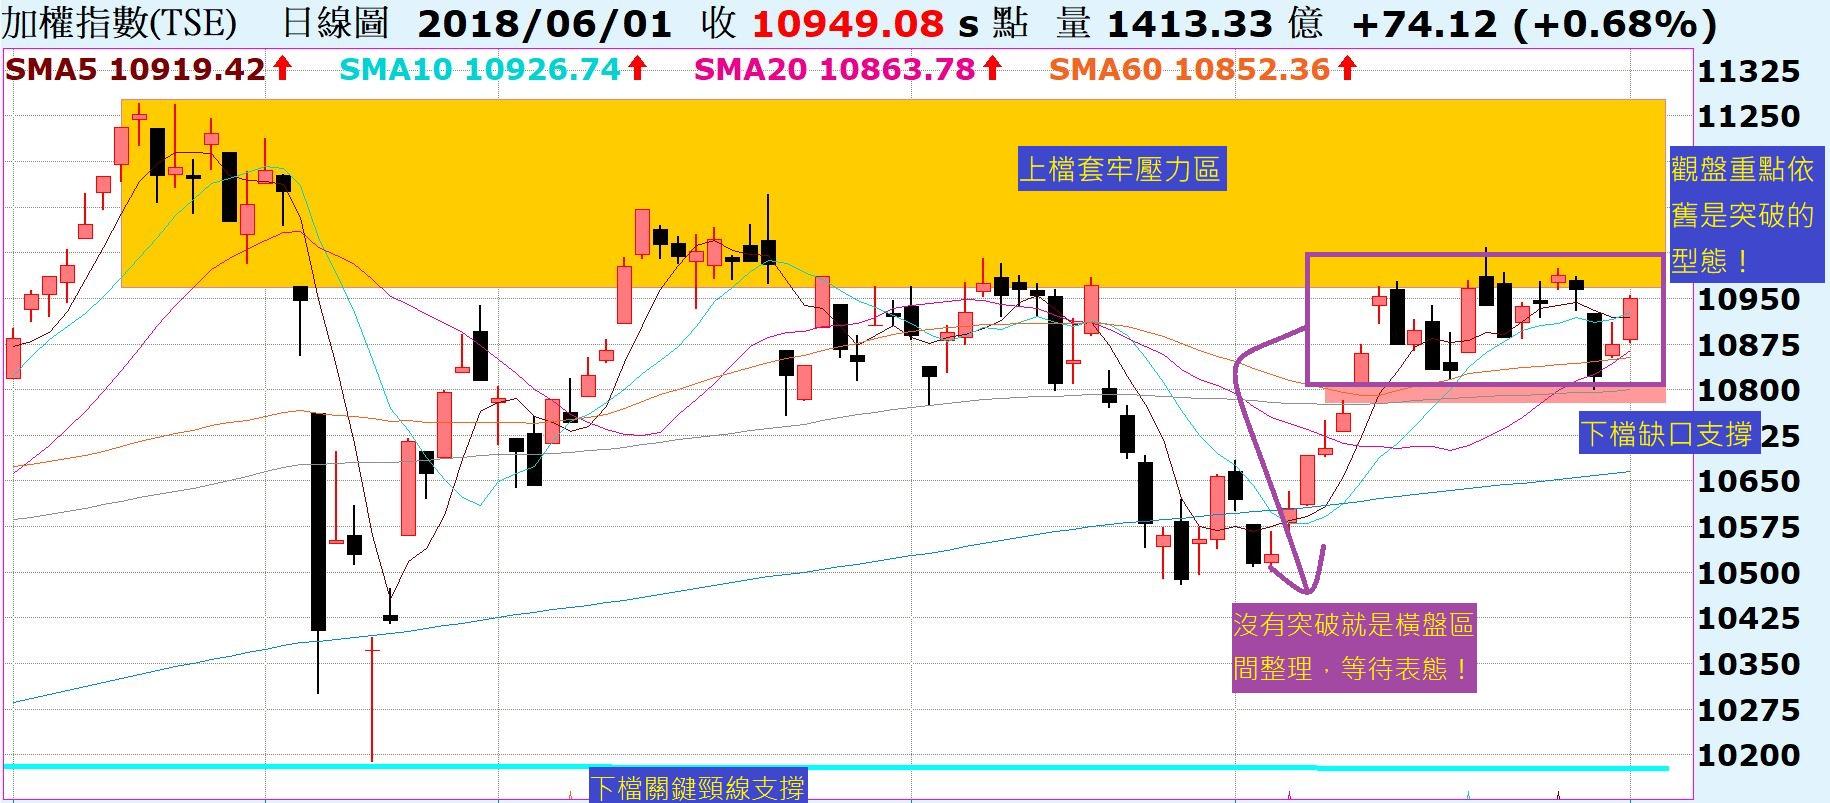 台股準備再度挑戰壓力區,那麼觀盤重點依舊是?!陸股紛紛留下上影線,如何看待?